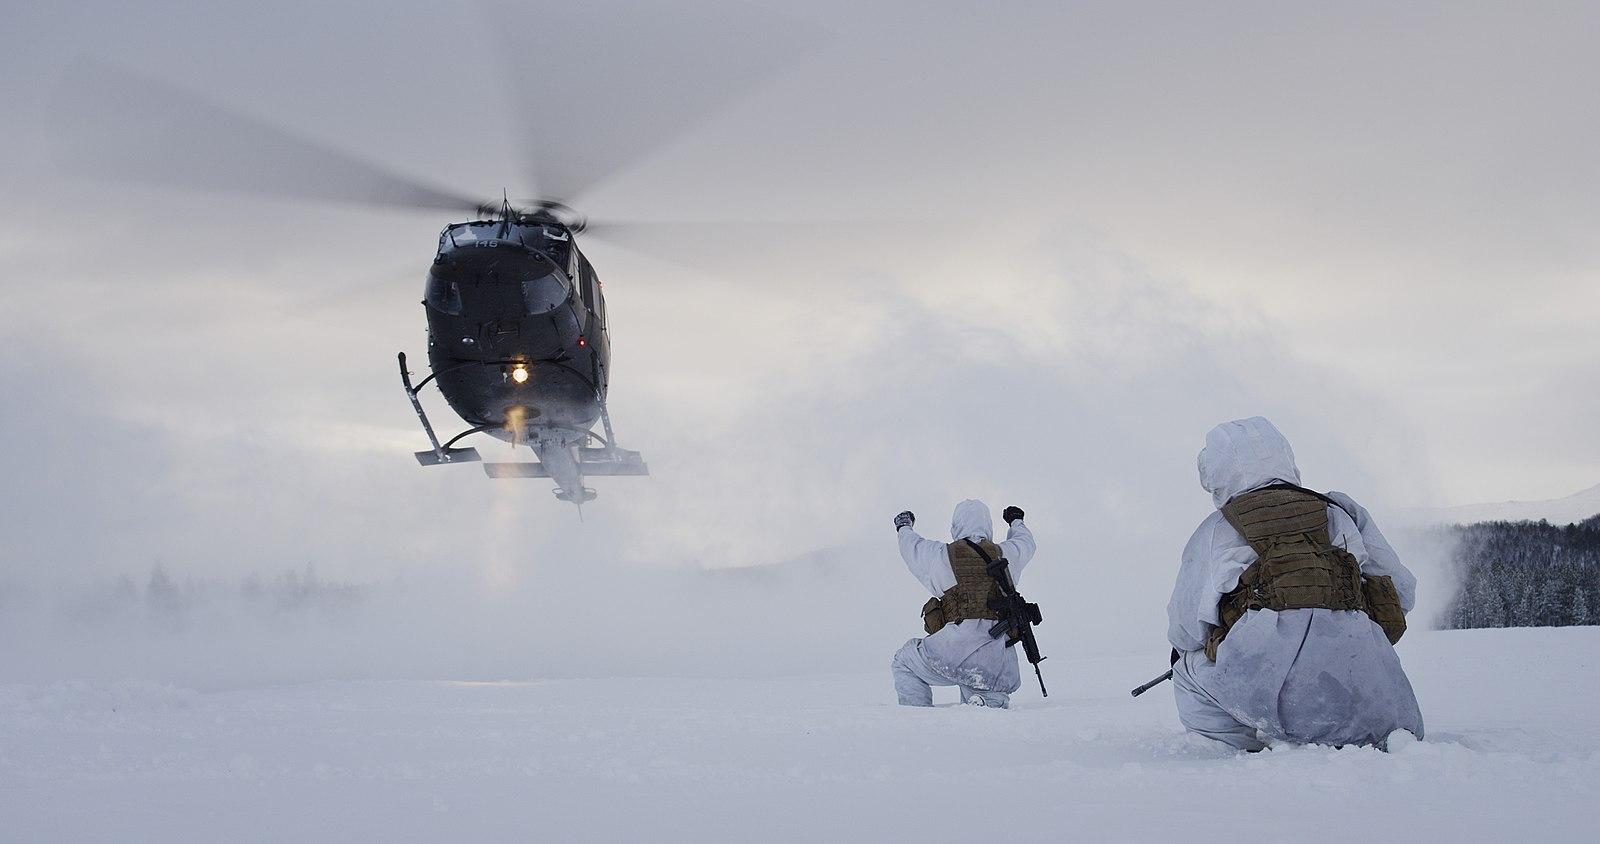 Bell-helikopter fra Forsvaret. Illustrasjonsfoto: Torgeir Haugaard/Hæren